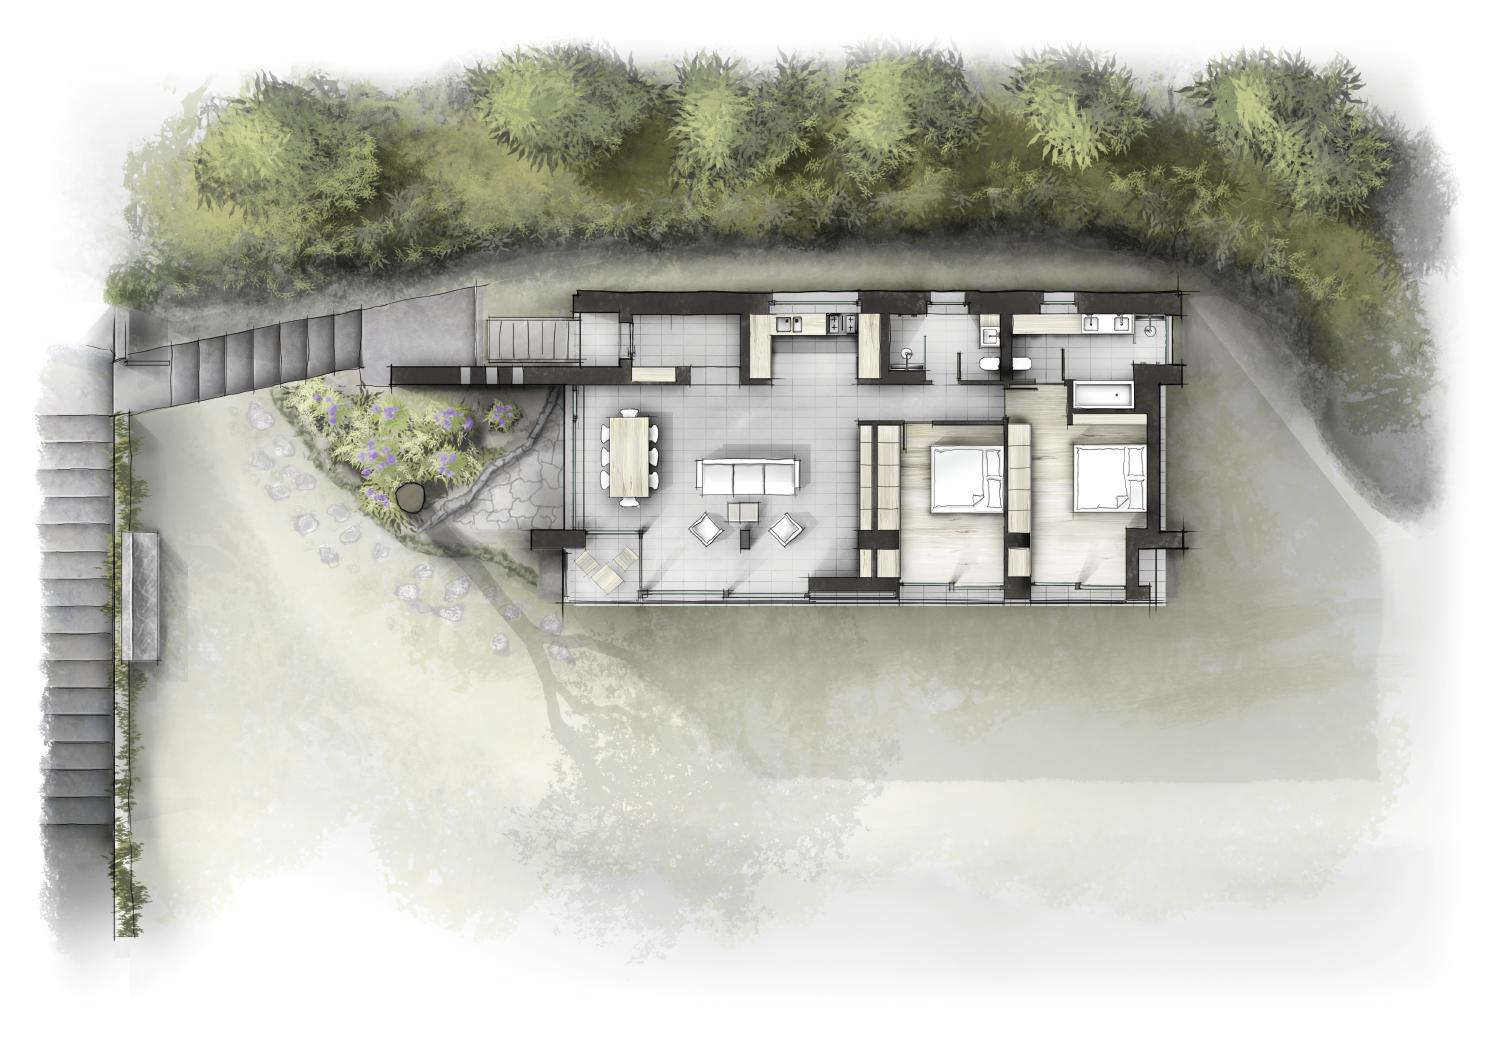 villa gardasee grundriss og | innenarchitektur zeichnungen skizzen, Innenarchitektur ideen